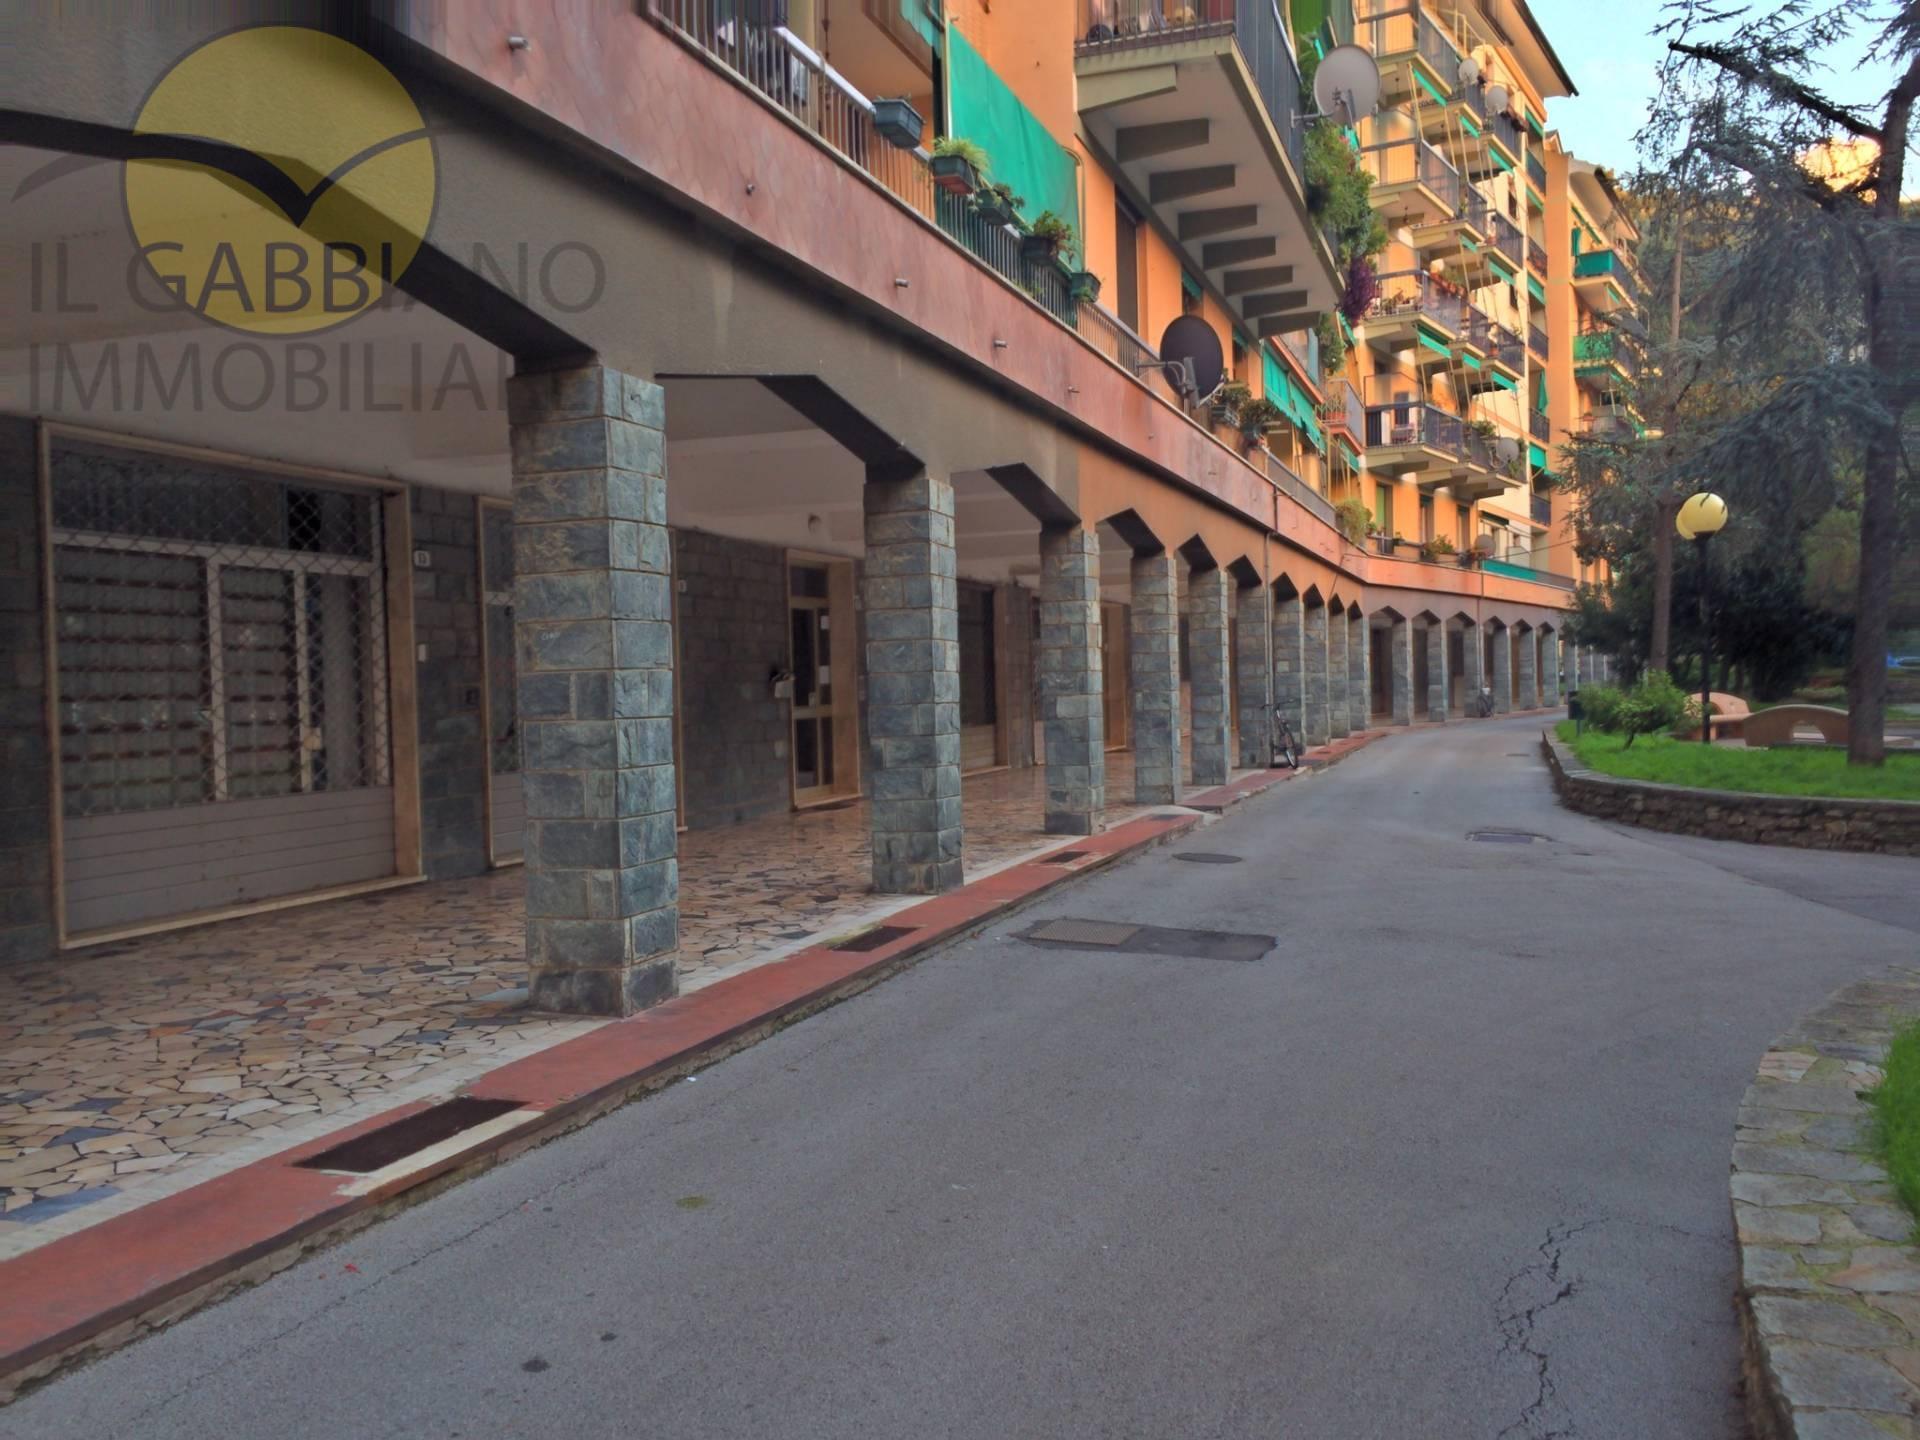 Negozio / Locale in affitto a Recco, 9999 locali, zona Località: Centrale, prezzo € 650 | Cambio Casa.it